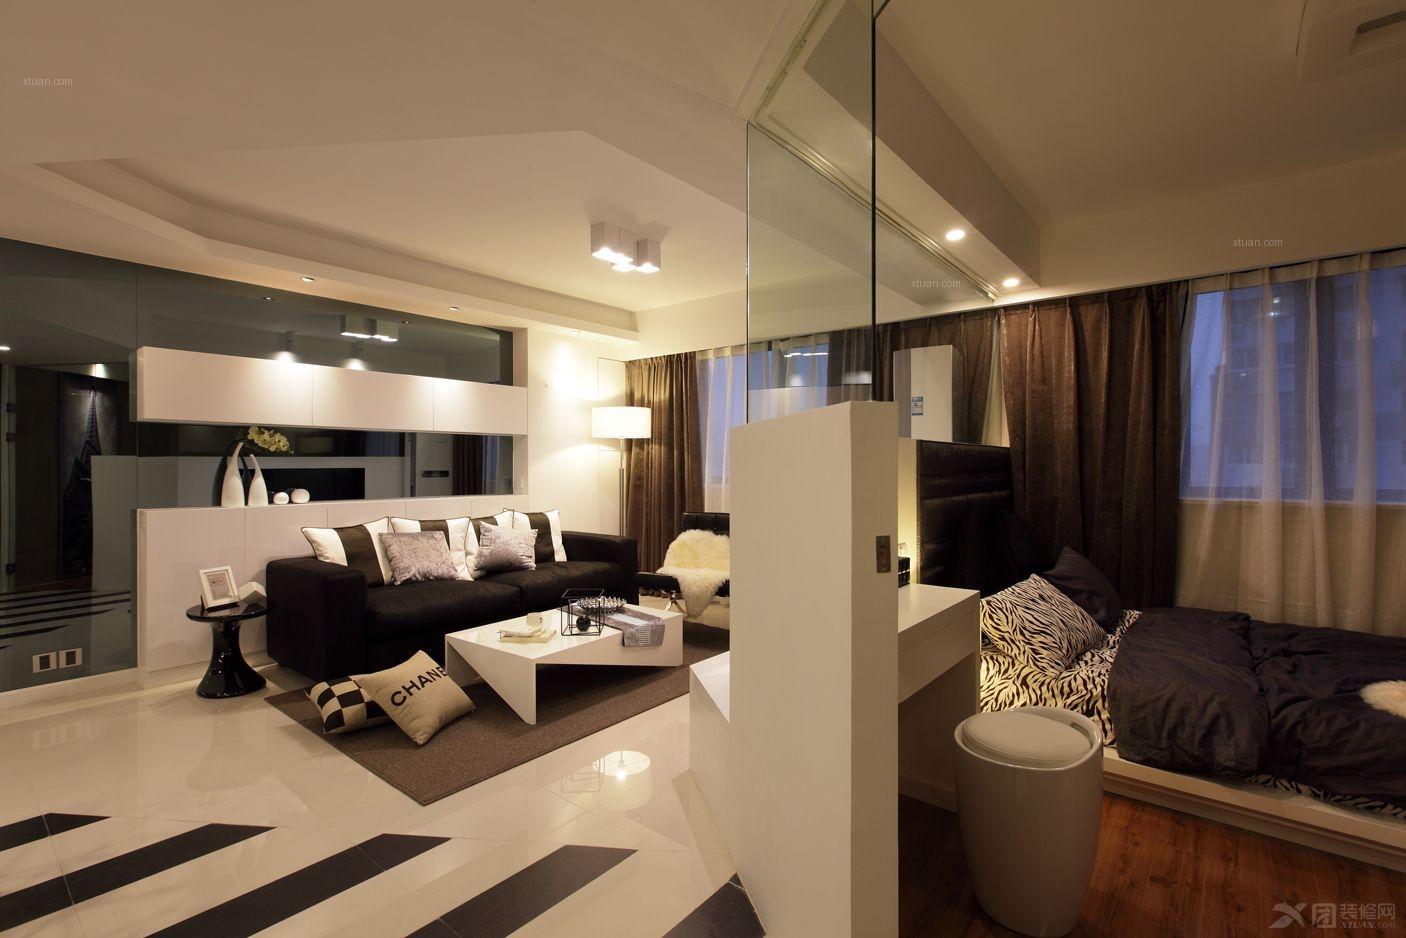 可以看到我们的客厅和透明卧室 75平米小户型两居婚房 透明高清图片